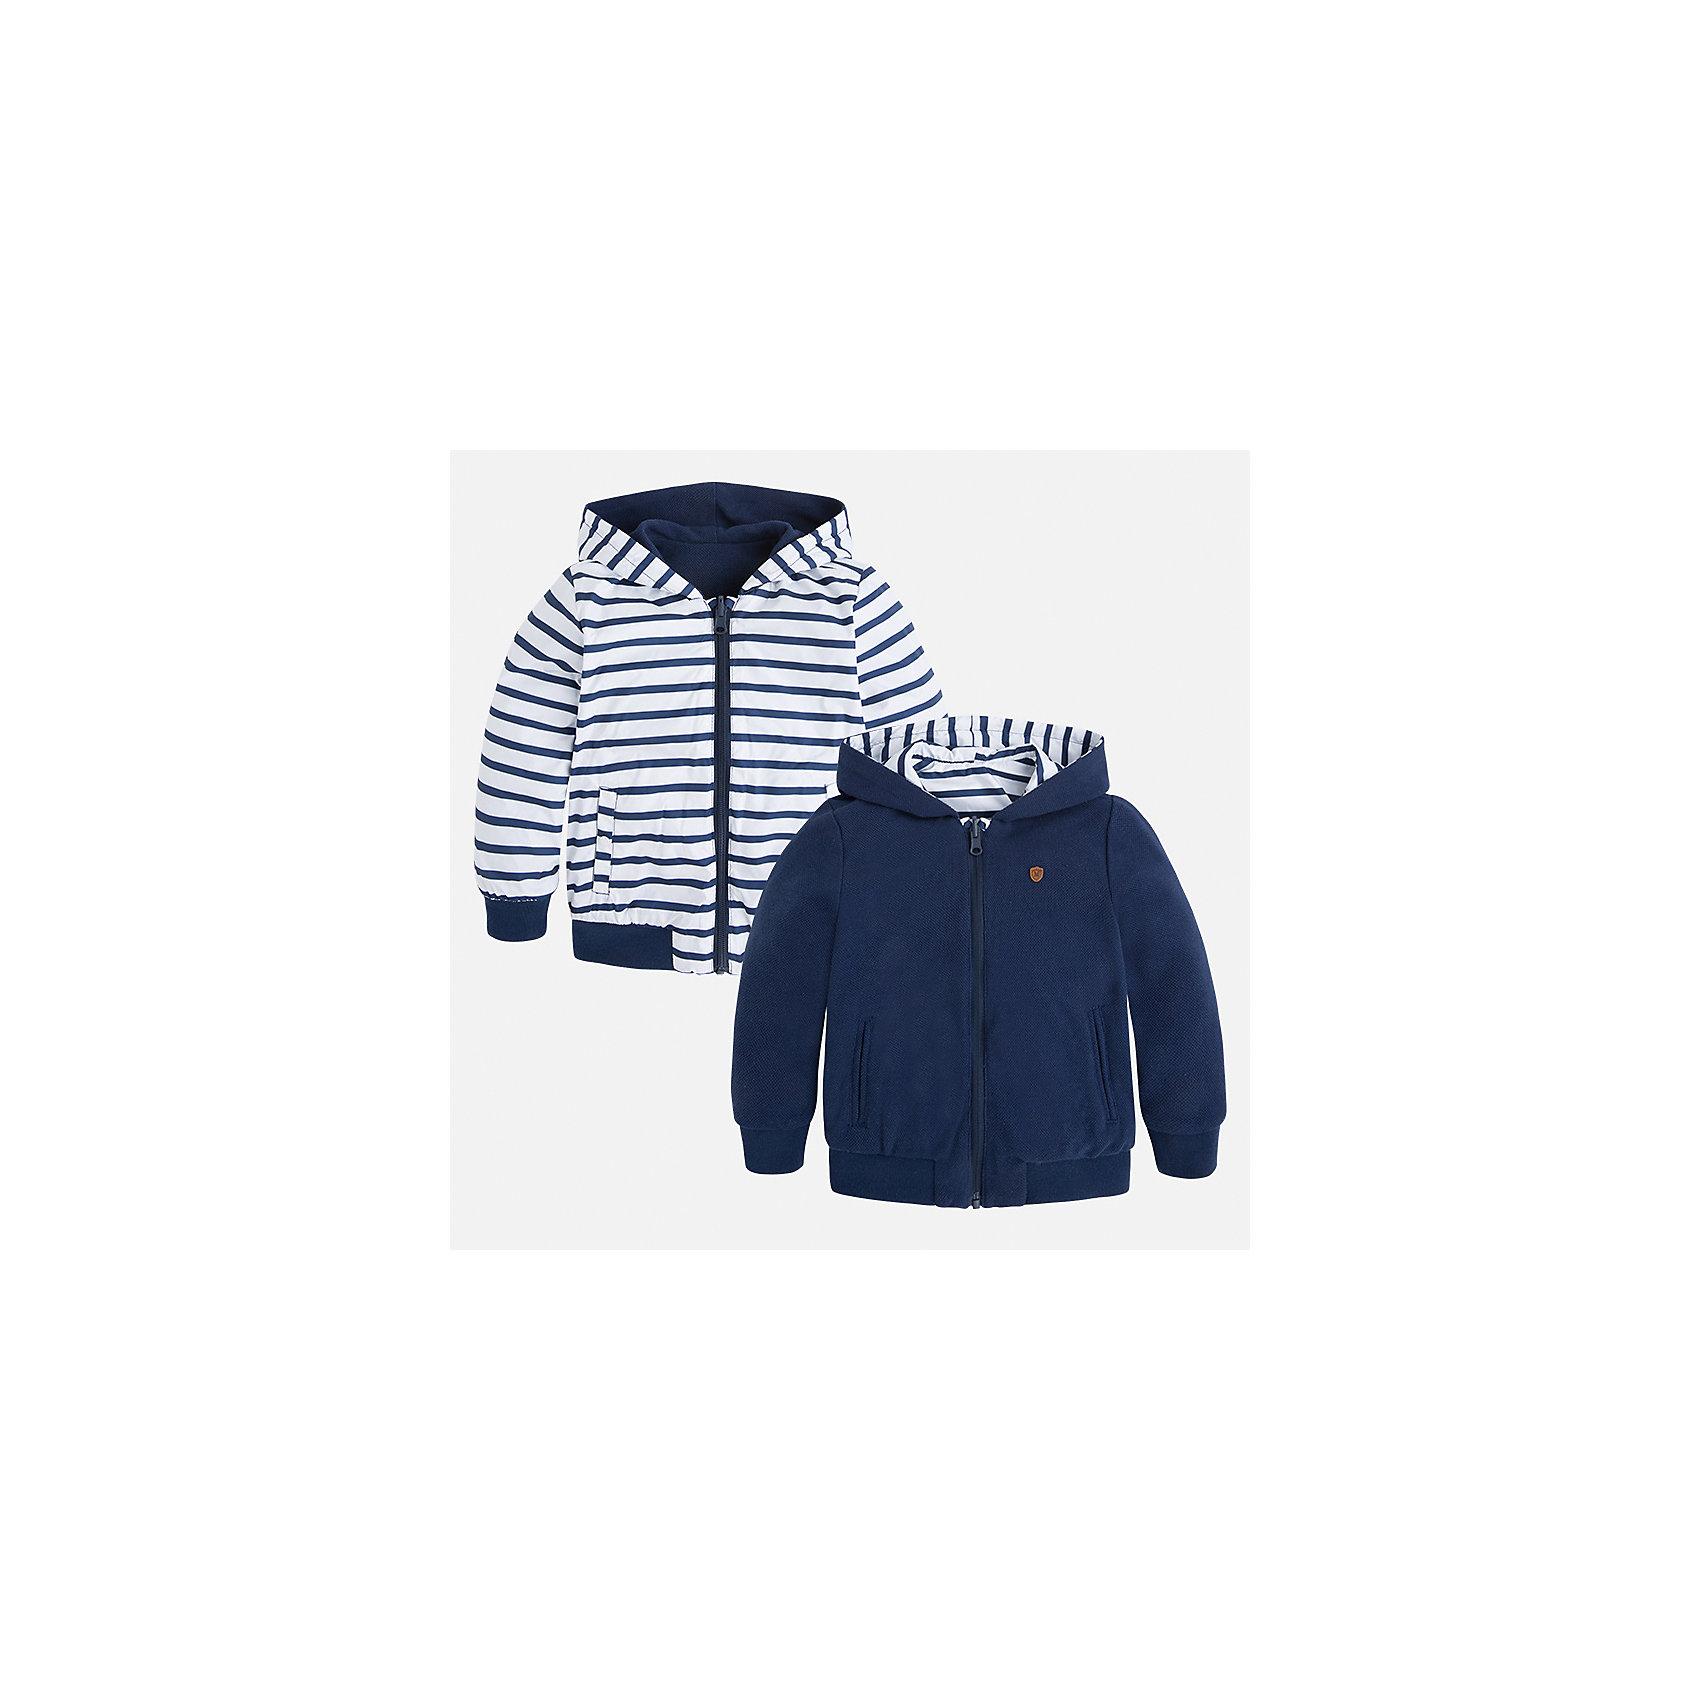 Куртка двухсторонняя для мальчика MayoralПолоска<br>Характеристики товара:<br><br>• цвет: белый/синий<br>• состав: 100% полиэстер, подкладка - 60% хлопок, 40% полиэстер<br>• температурный режим: от +15°до +5°С<br>• двусторонняя<br>• карманы<br>• молния<br>• капюшон<br>• страна бренда: Испания<br><br>Легкая куртка для мальчика поможет разнообразить гардероб ребенка и обеспечить тепло в прохладную погоду. Эта ветровка - два в одном: стоит её вывернуть - и появляется еще одна курточка другой расцветки. Она отлично сочетается и с джинсами, и с брюками. Универсальный цвет позволяет подобрать к вещи низ различных расцветок. Интересная отделка модели делает её нарядной и оригинальной. <br><br>Одежда, обувь и аксессуары от испанского бренда Mayoral полюбились детям и взрослым по всему миру. Модели этой марки - стильные и удобные. Для их производства используются только безопасные, качественные материалы и фурнитура. Порадуйте ребенка модными и красивыми вещами от Mayoral! <br><br>Куртку для мальчика от испанского бренда Mayoral (Майорал) можно купить в нашем интернет-магазине.<br><br>Ширина мм: 356<br>Глубина мм: 10<br>Высота мм: 245<br>Вес г: 519<br>Цвет: синий<br>Возраст от месяцев: 72<br>Возраст до месяцев: 84<br>Пол: Мужской<br>Возраст: Детский<br>Размер: 122,98,92,116,128,104,134,110<br>SKU: 5280549